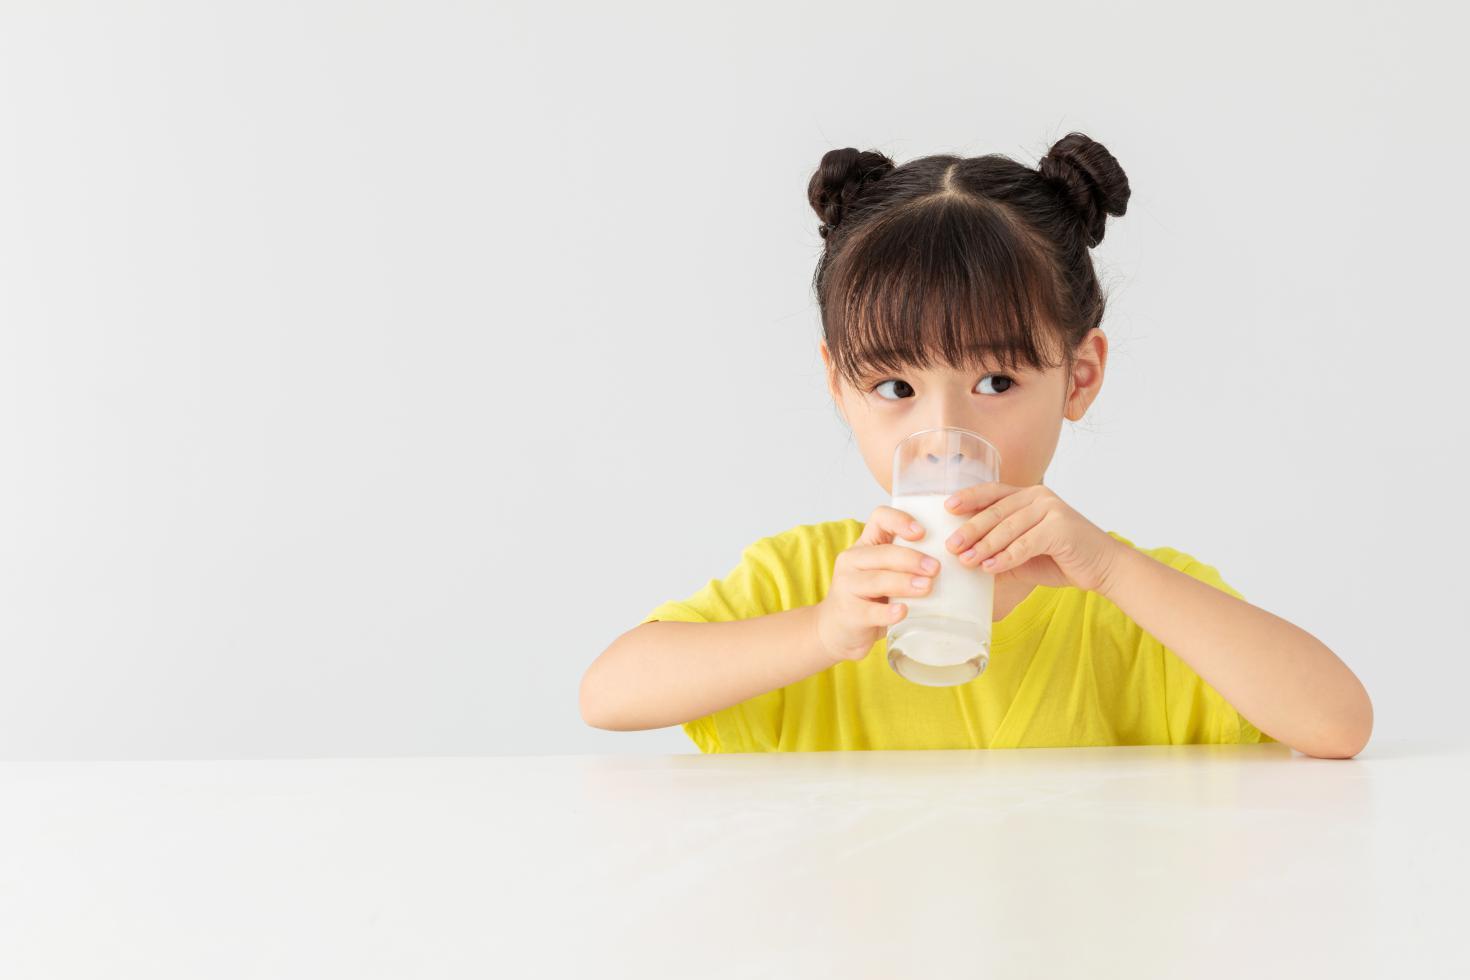 如何提高儿童免疫力?试试吃点牛初乳粉!